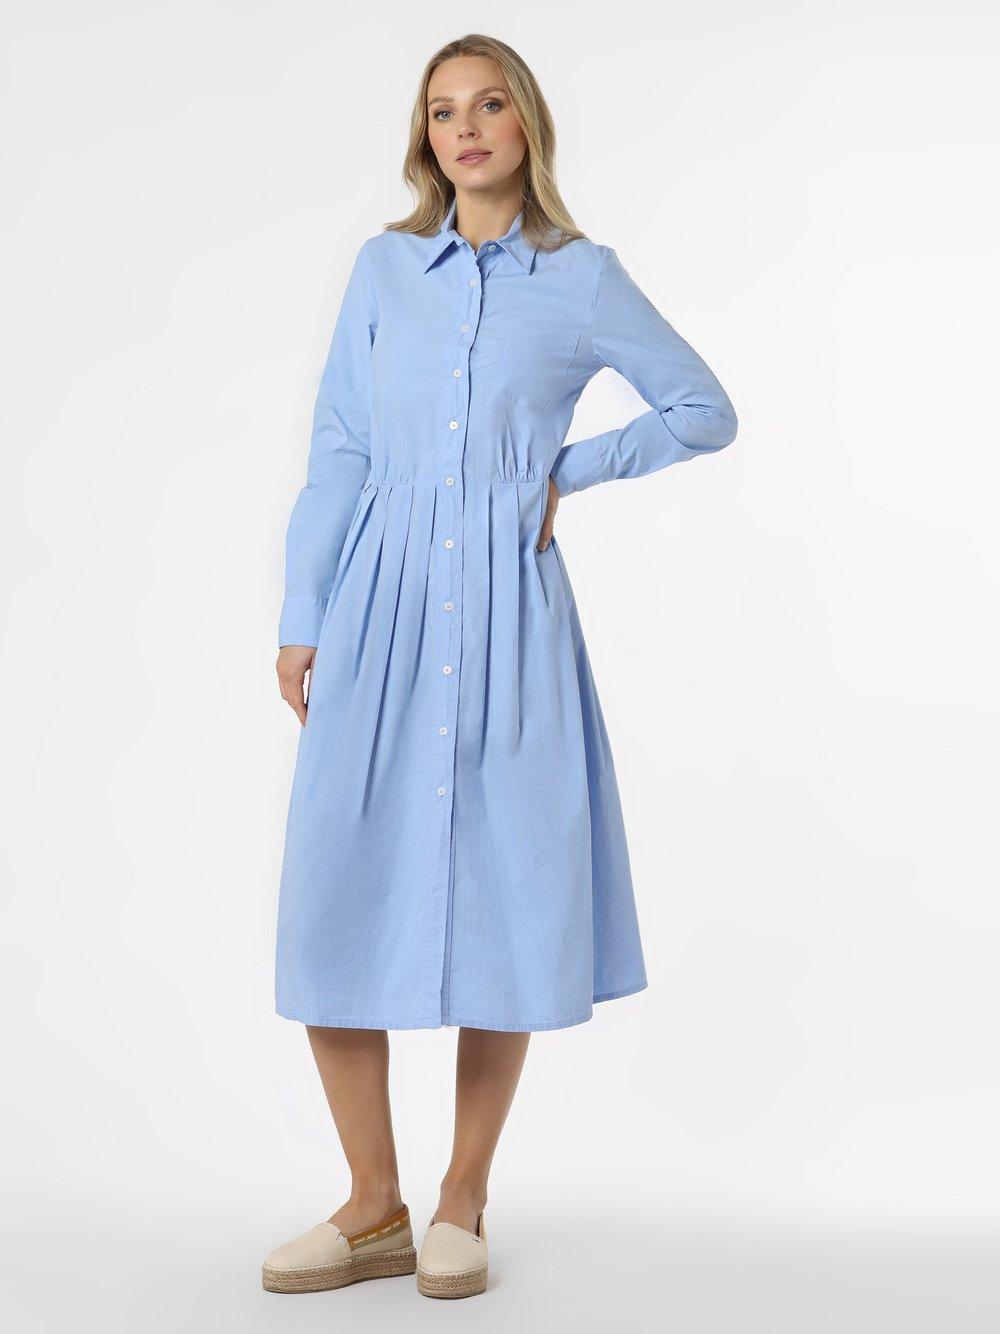 0039 Italy - Sukienka damska – Cayenne, niebieski